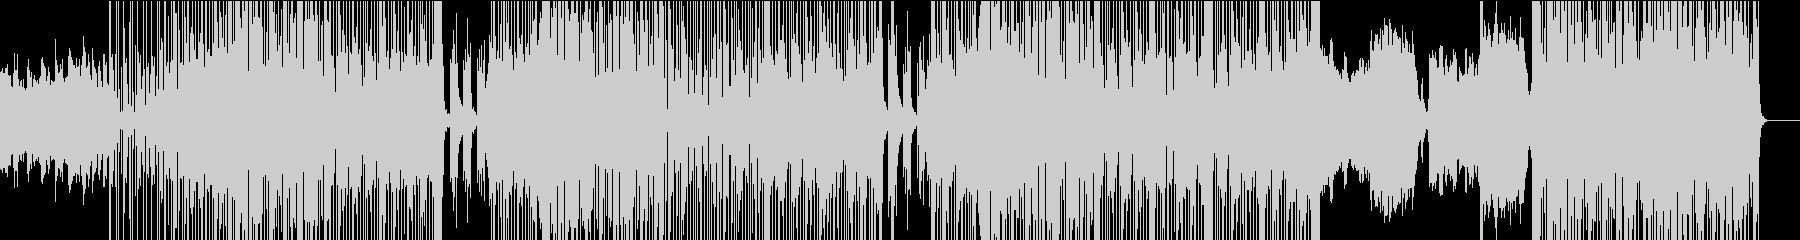 クールなユーロ感アーバンビートの未再生の波形